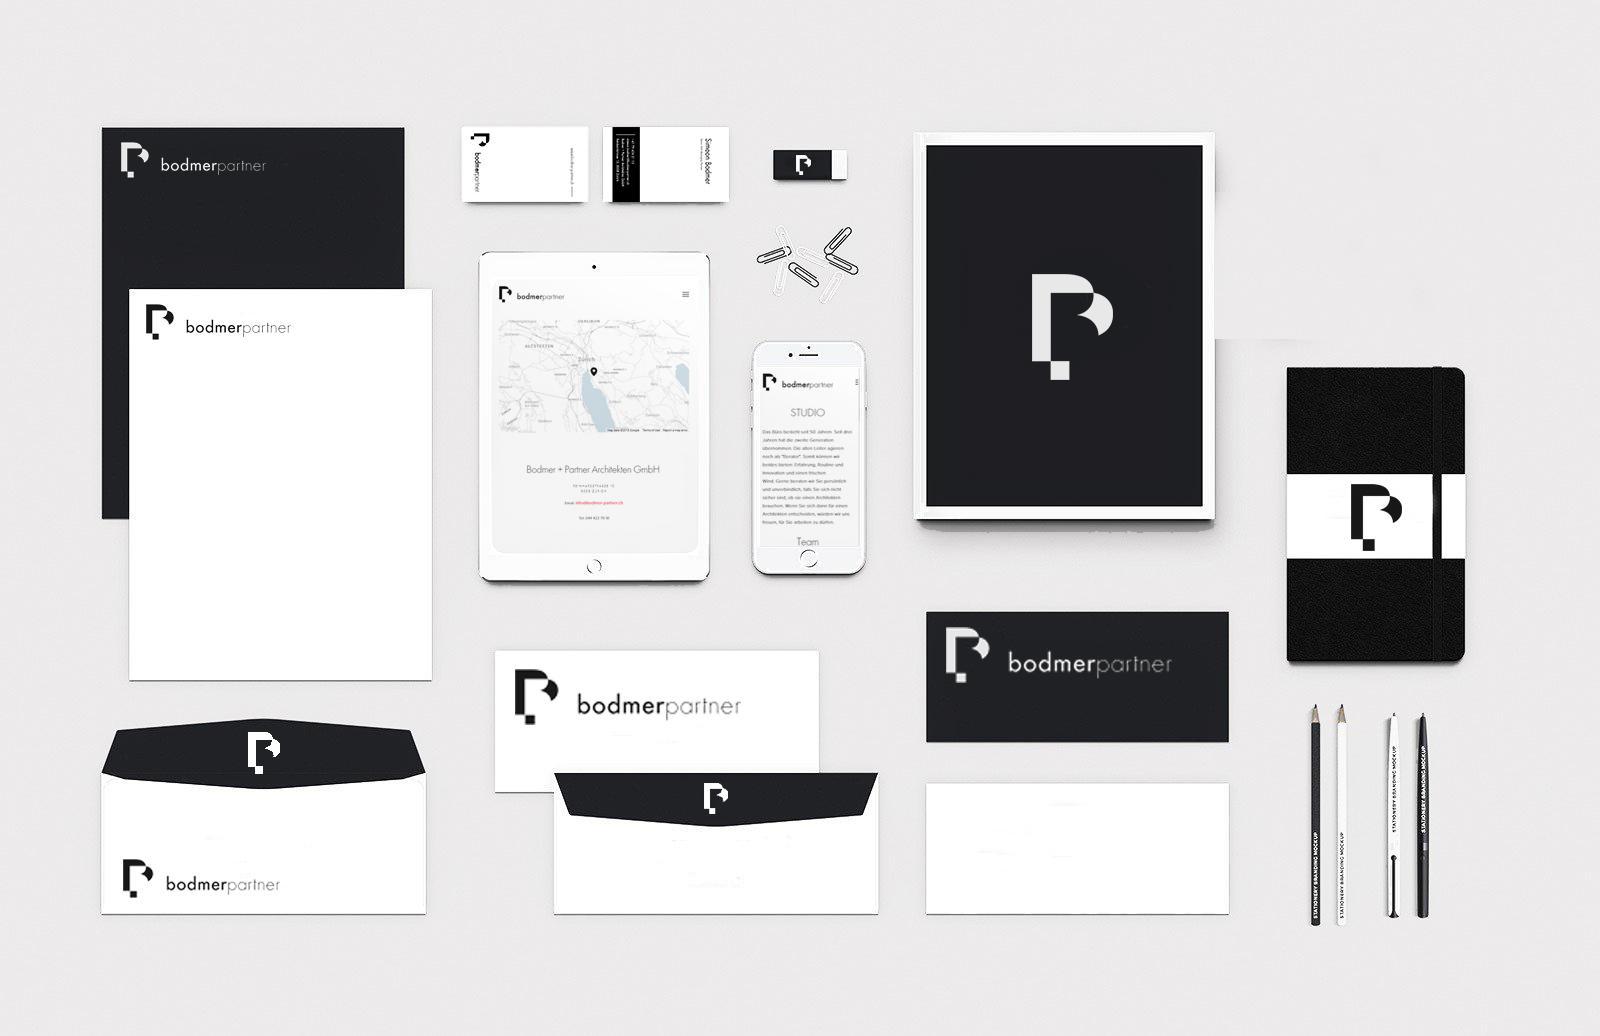 Bodmer+PartnerMockup.jpg